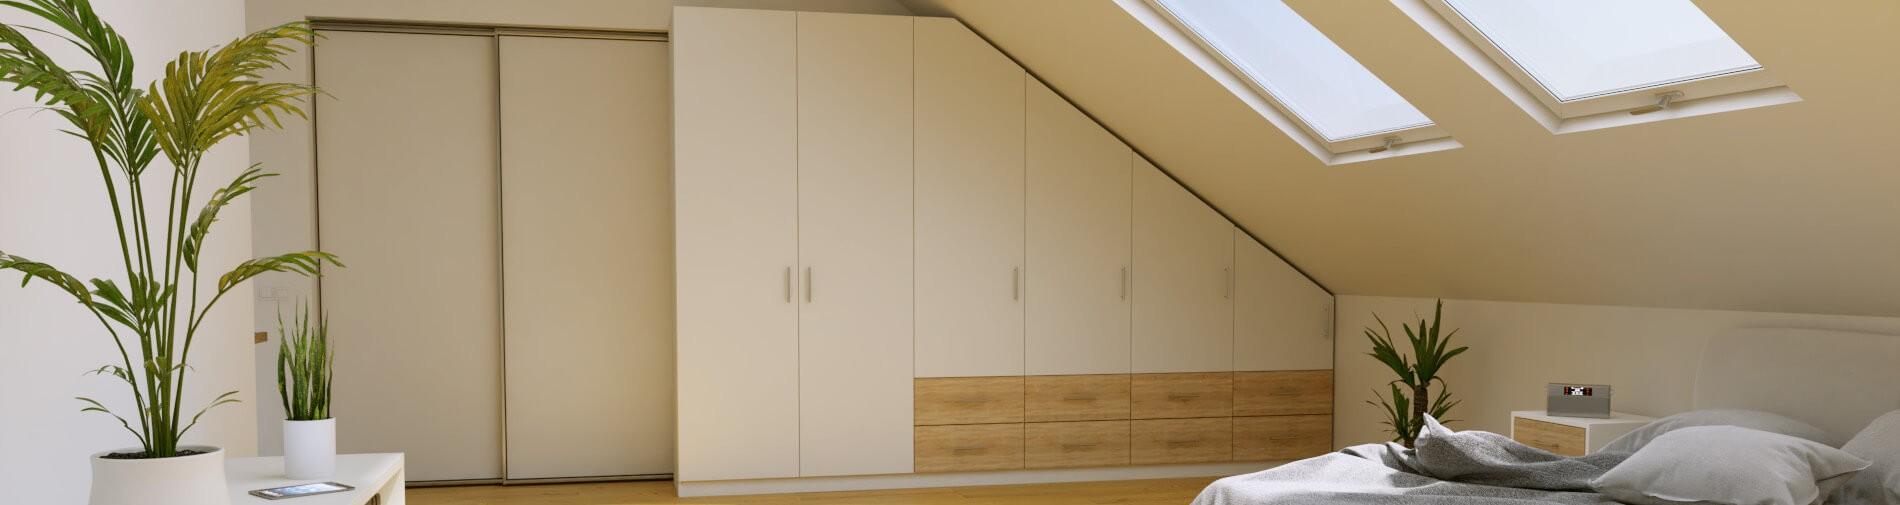 Möbel für die Dachschräge nach Maß konfigurieren | schrankplaner.de